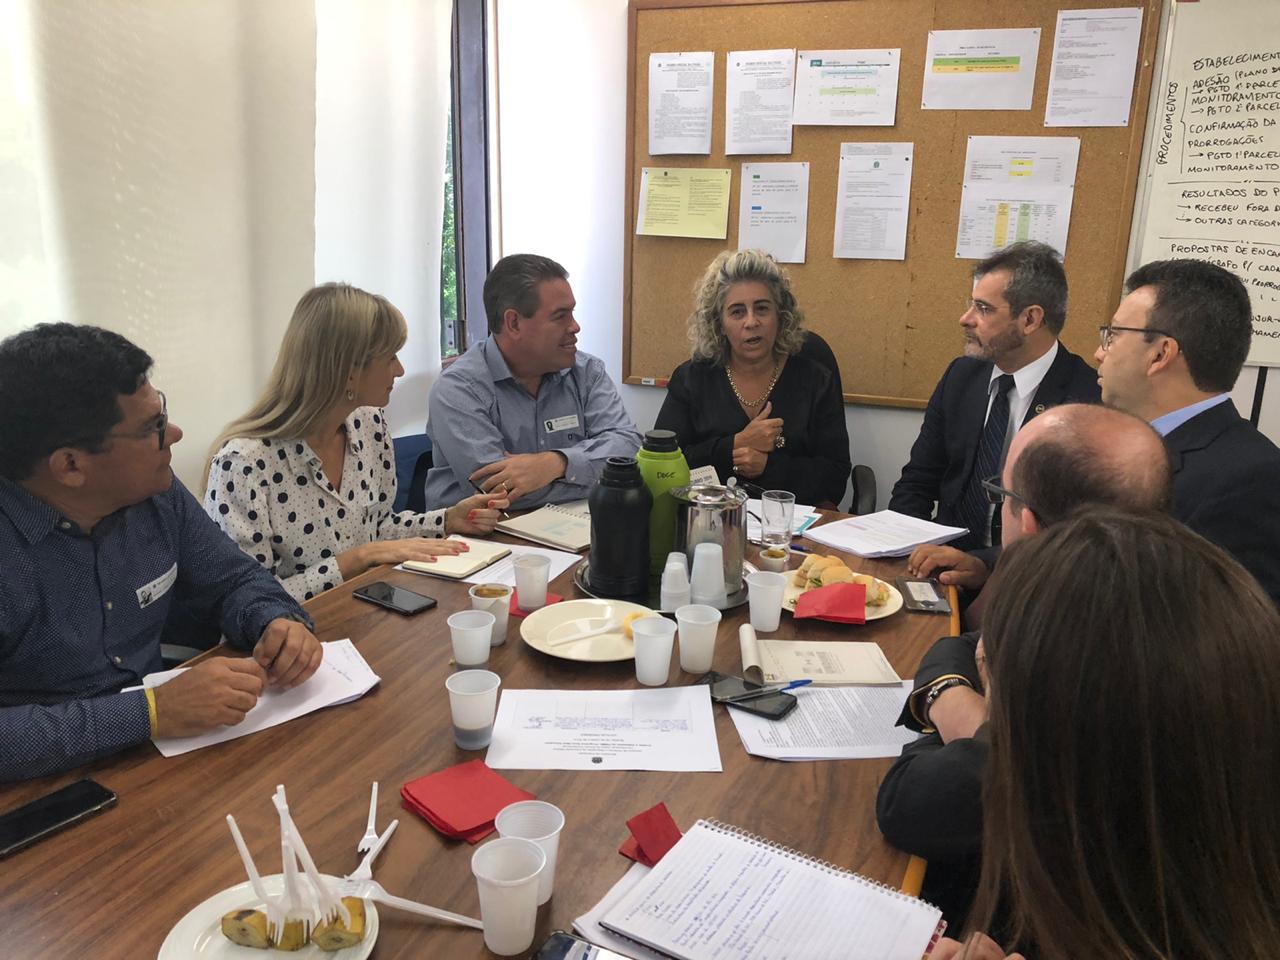 Com MEC, Undime discute estratégias referentes a correção de fluxo e ampliação da jornada escolar